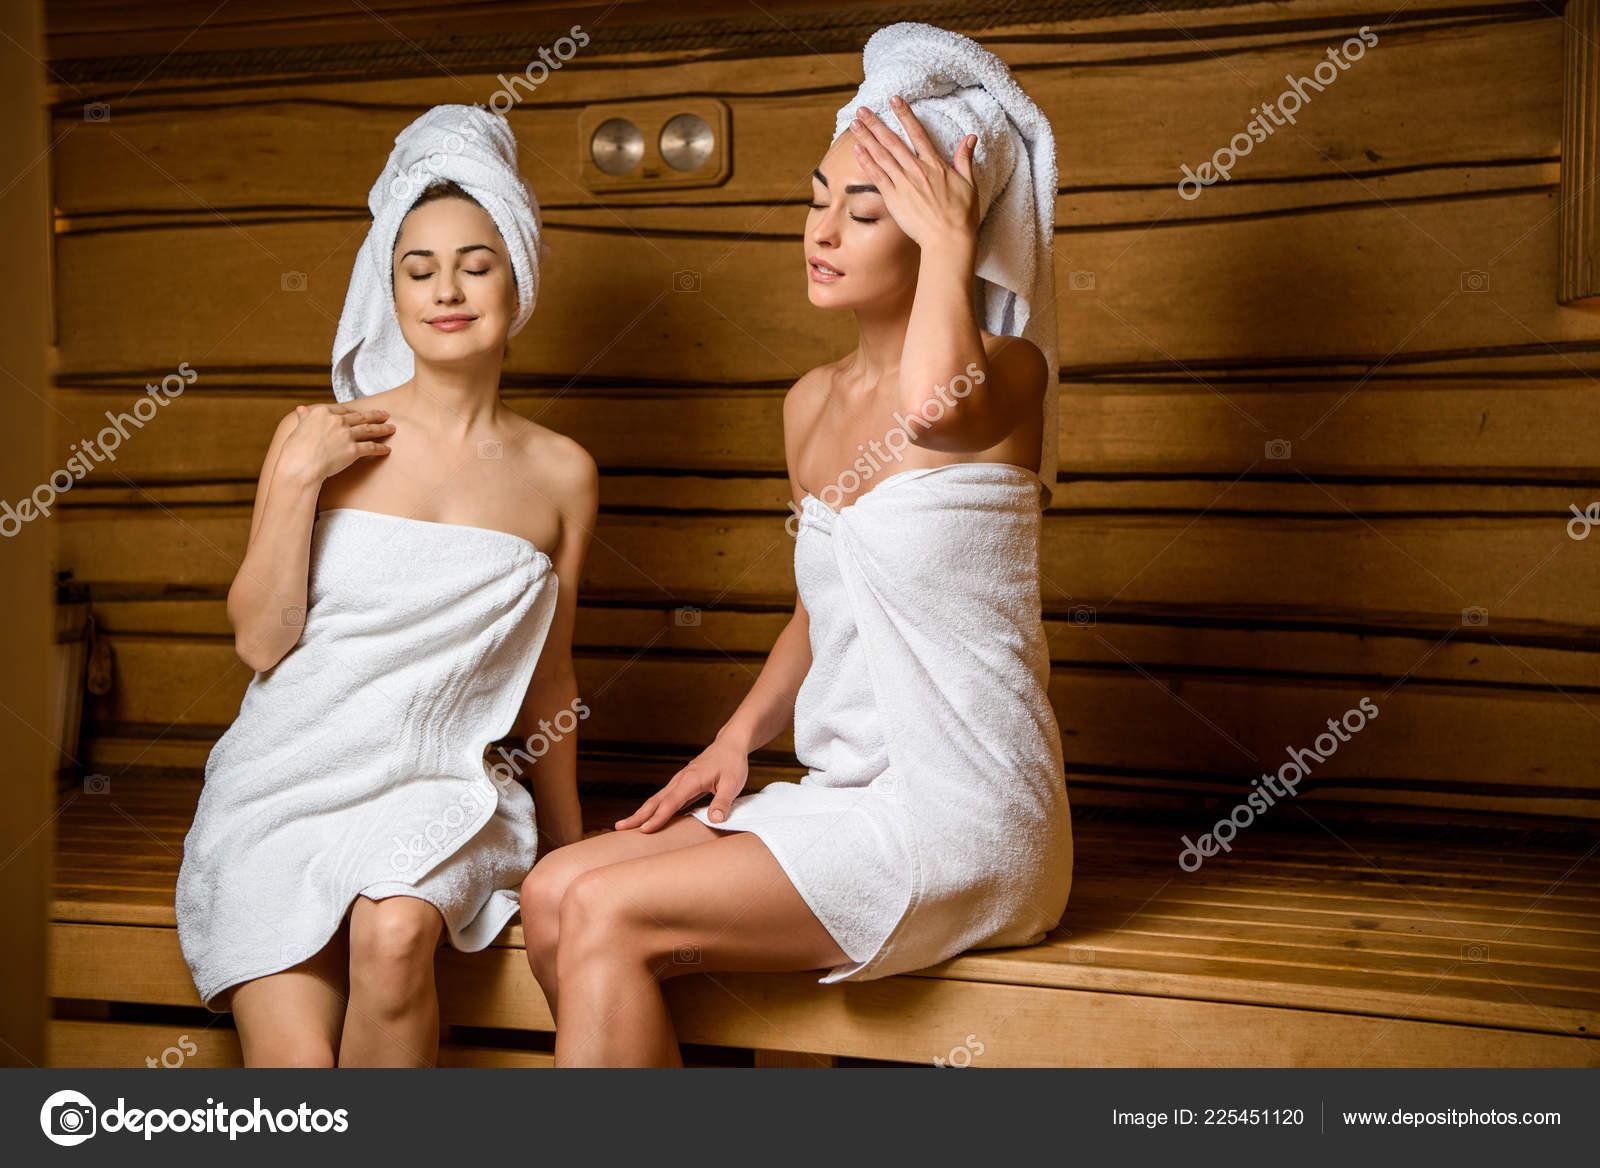 Секс перед молодежь отдыхает в бане как